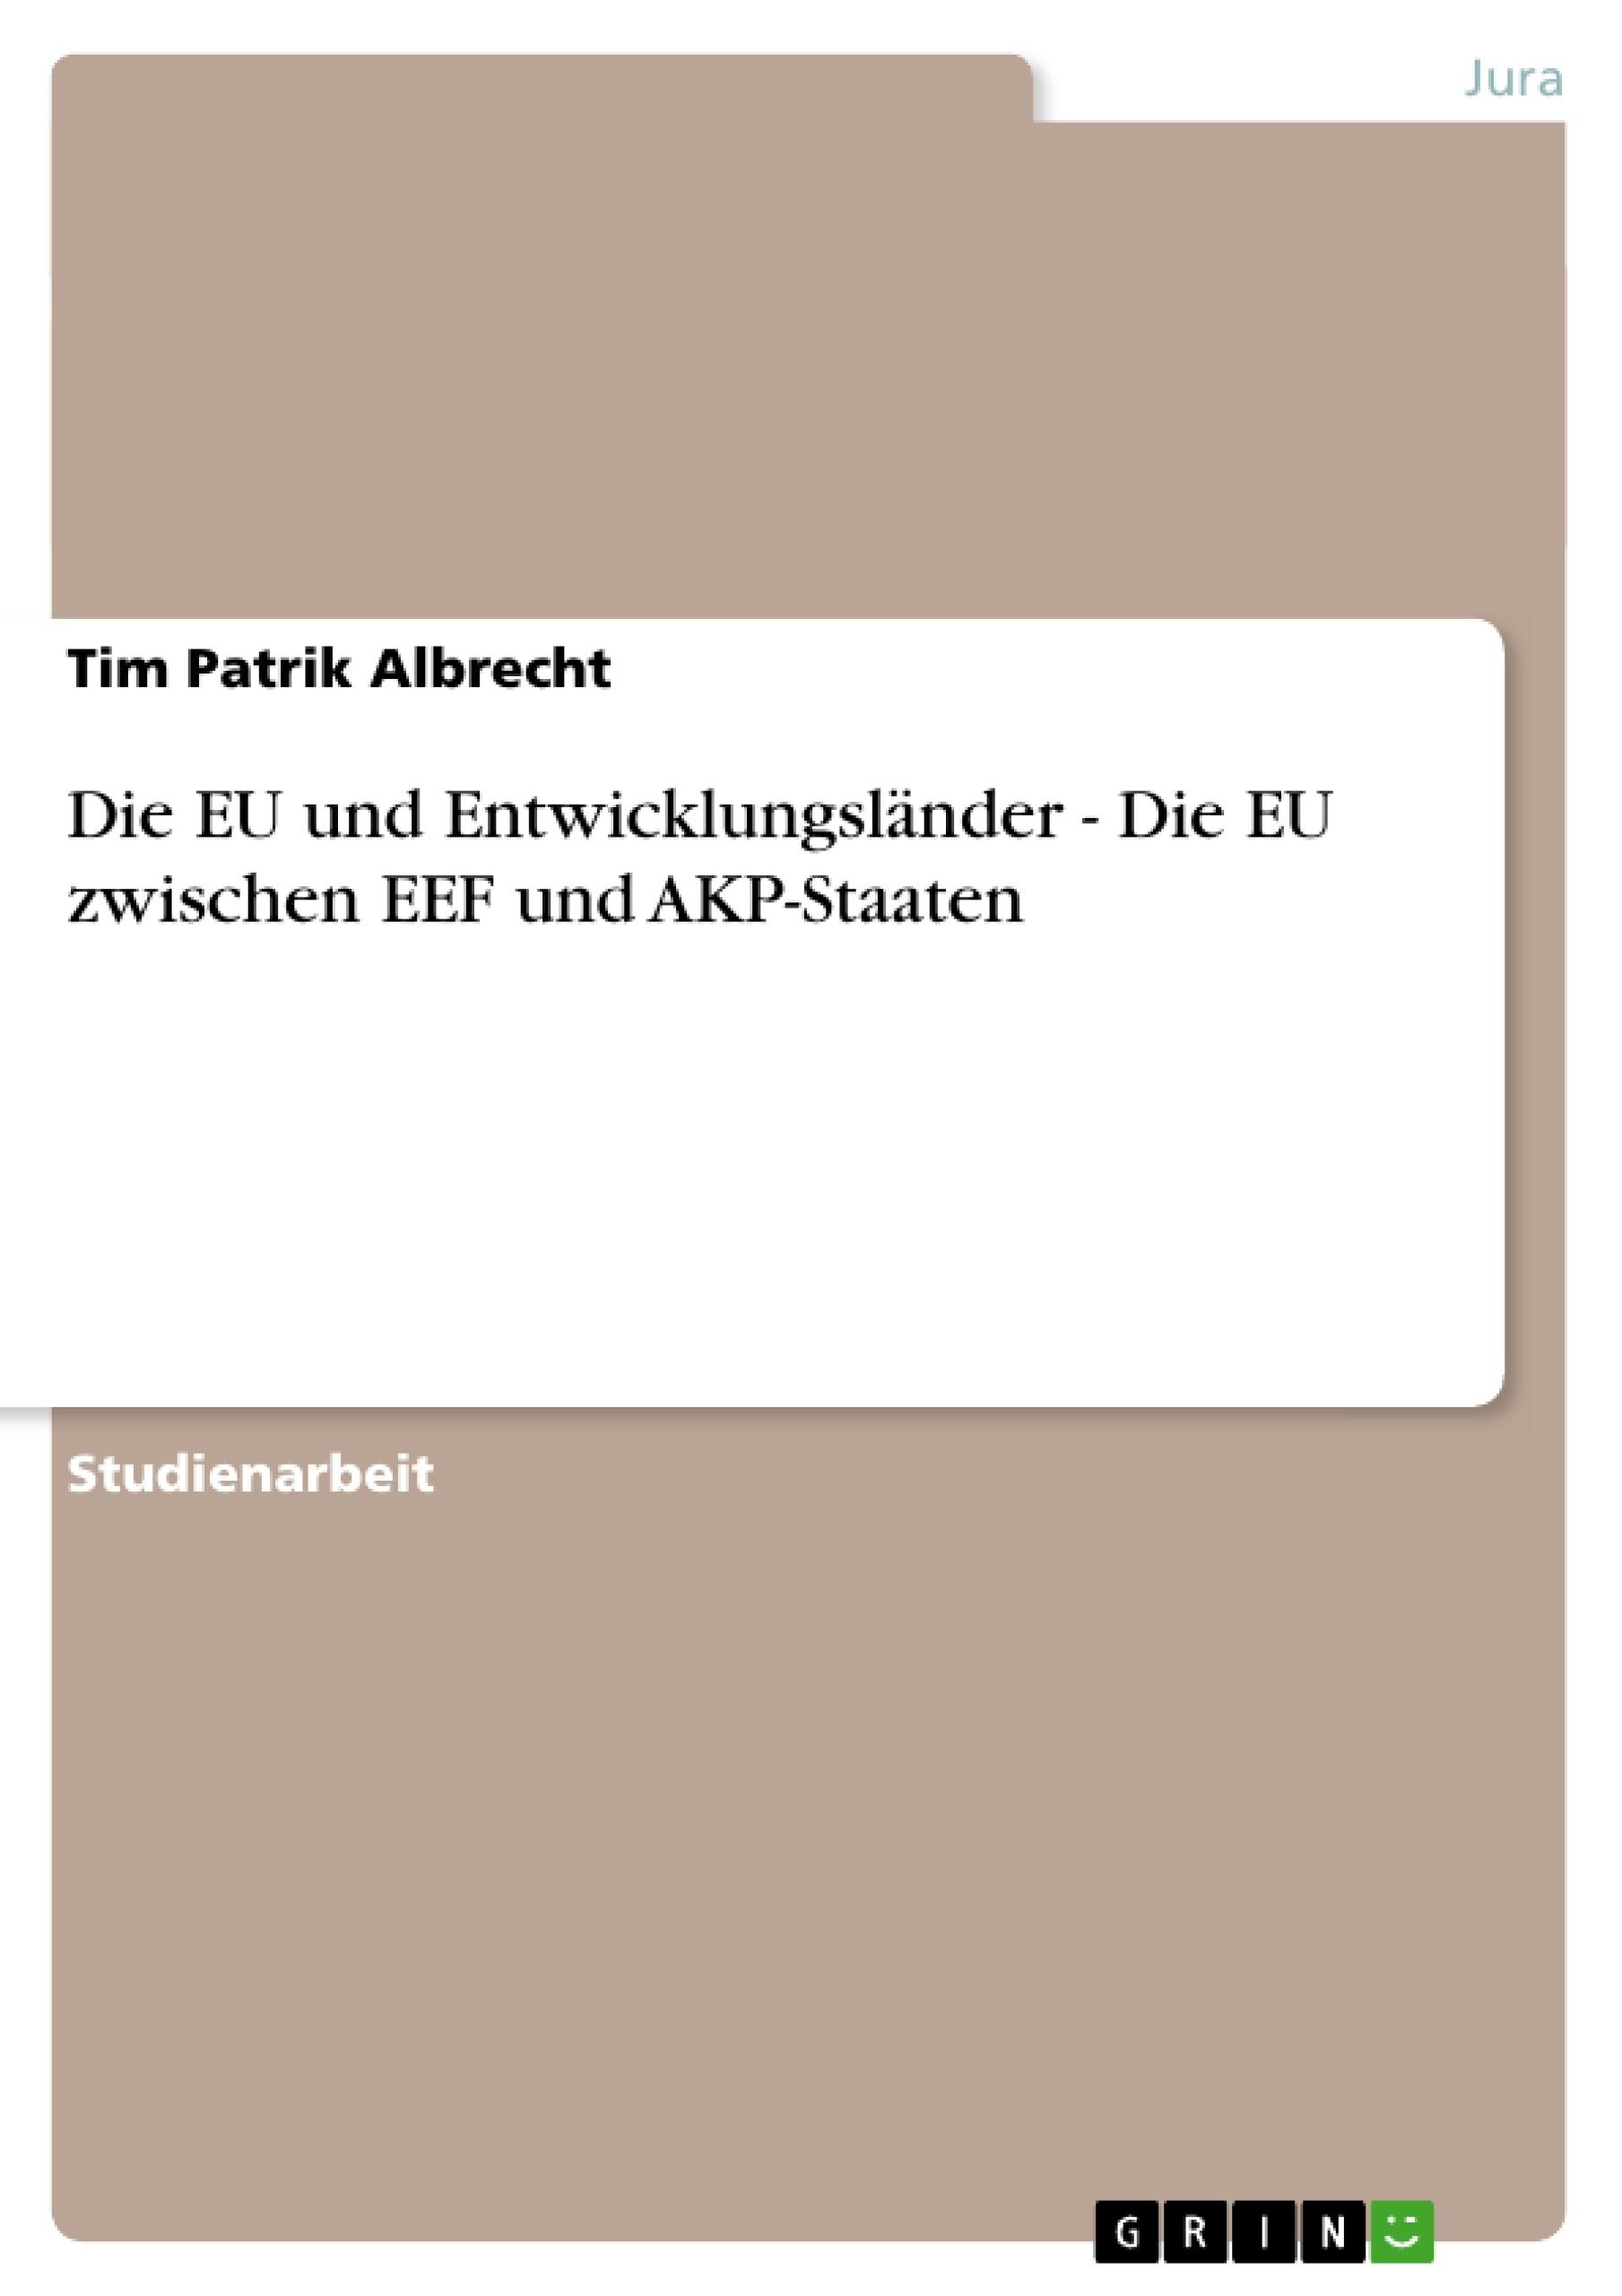 Titel: Die EU und Entwicklungsländer - Die EU zwischen EEF und AKP-Staaten